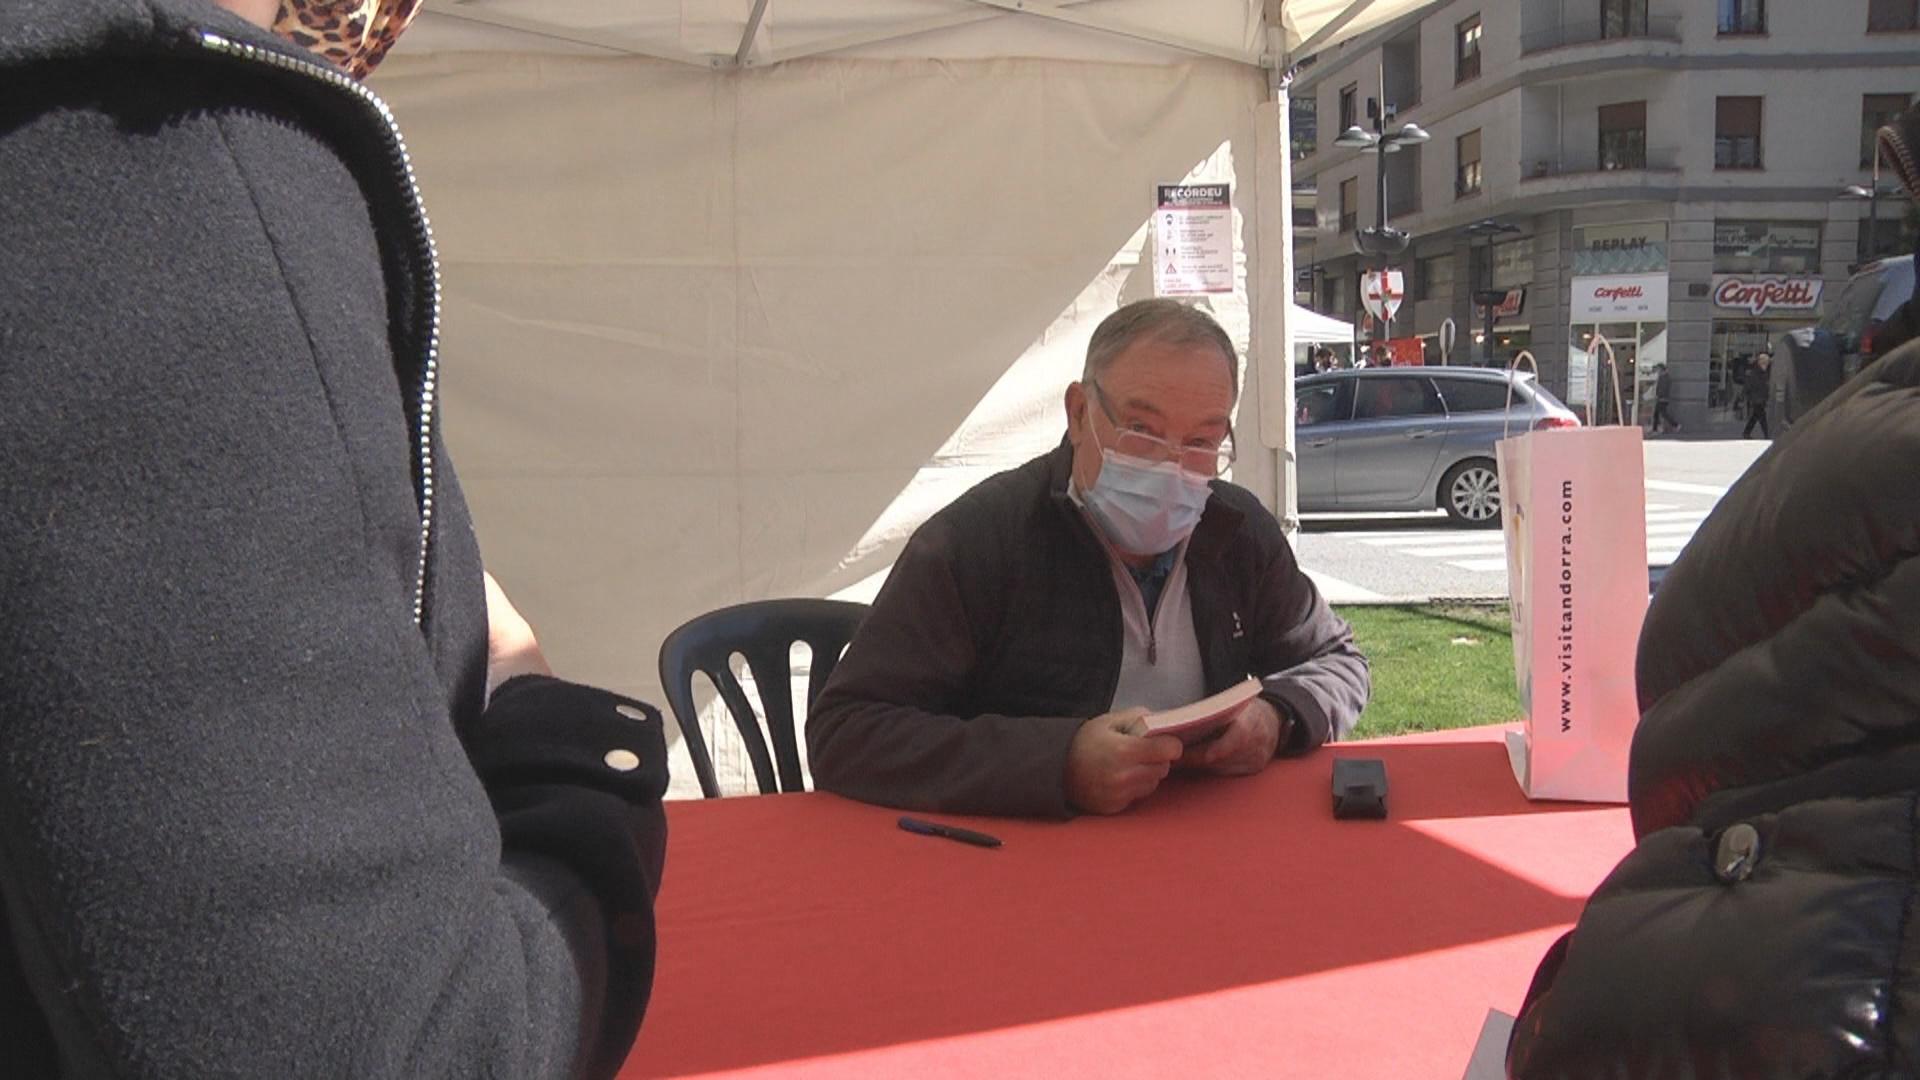 Els escriptors del país inicien la signatura de llibres de Sant Jordi a la plaça Laurèdia